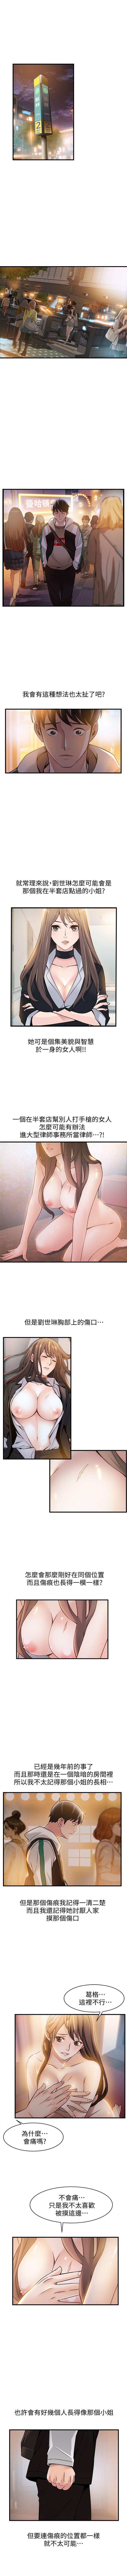 (週7)弱點 1-76 中文翻譯(更新中) 75